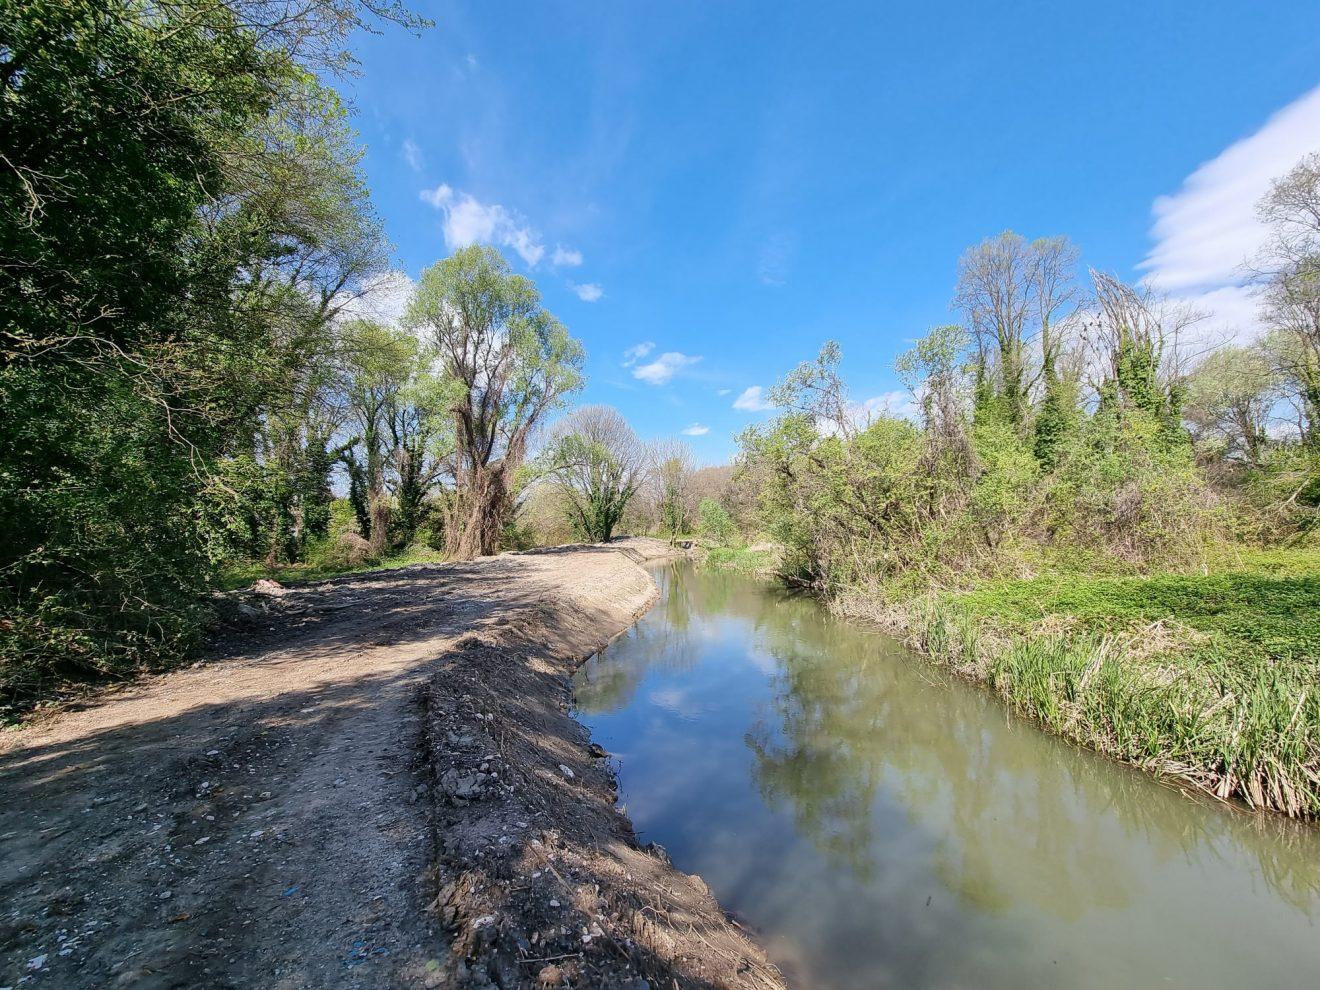 Αποκαλύφθηκε ο Αγιαμονιώτης ποταμός (εικόνες)